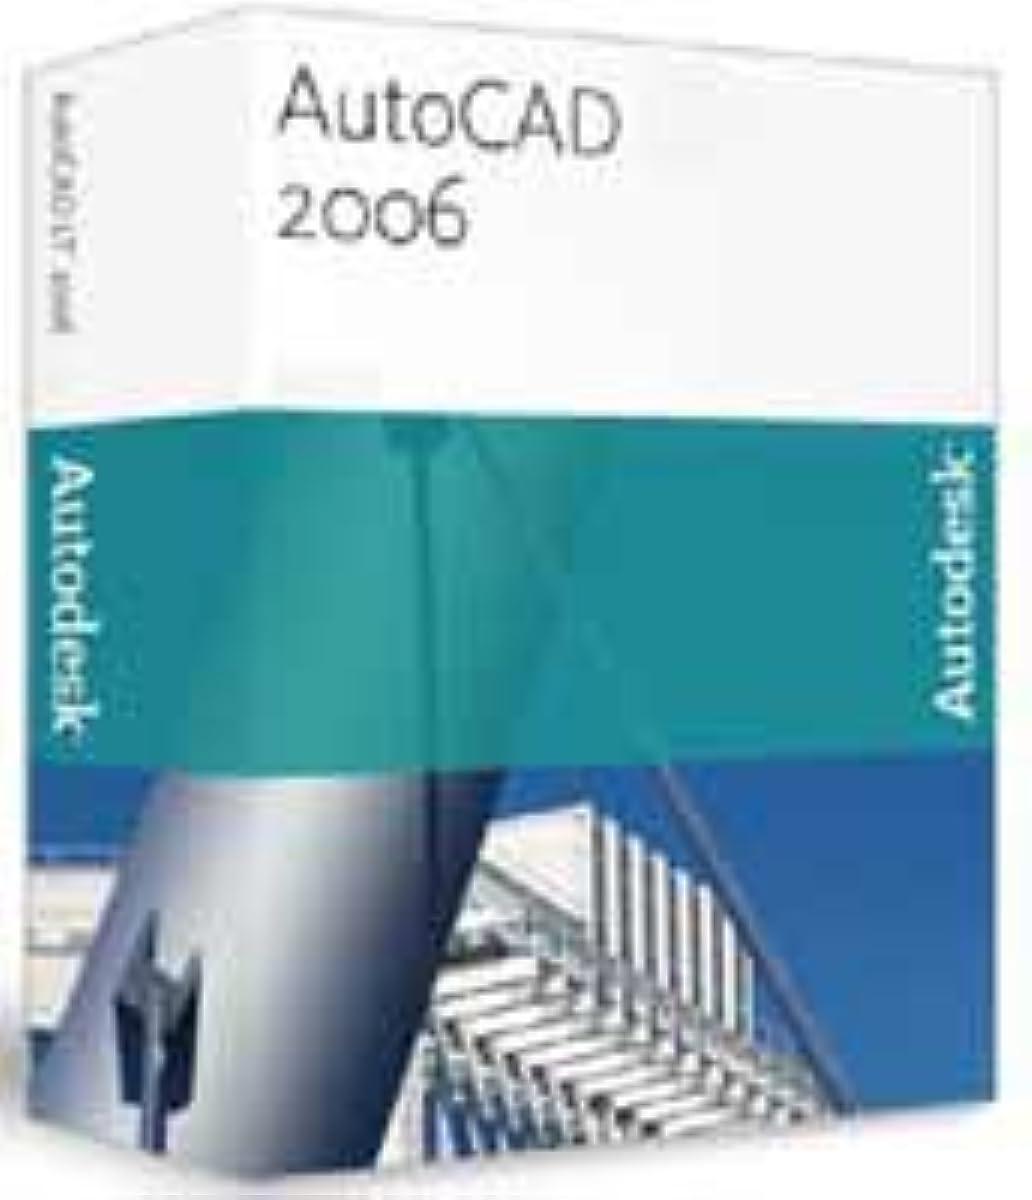 オセアニアそれるマオリAutoCAD 2006 教育機関限定 学生版